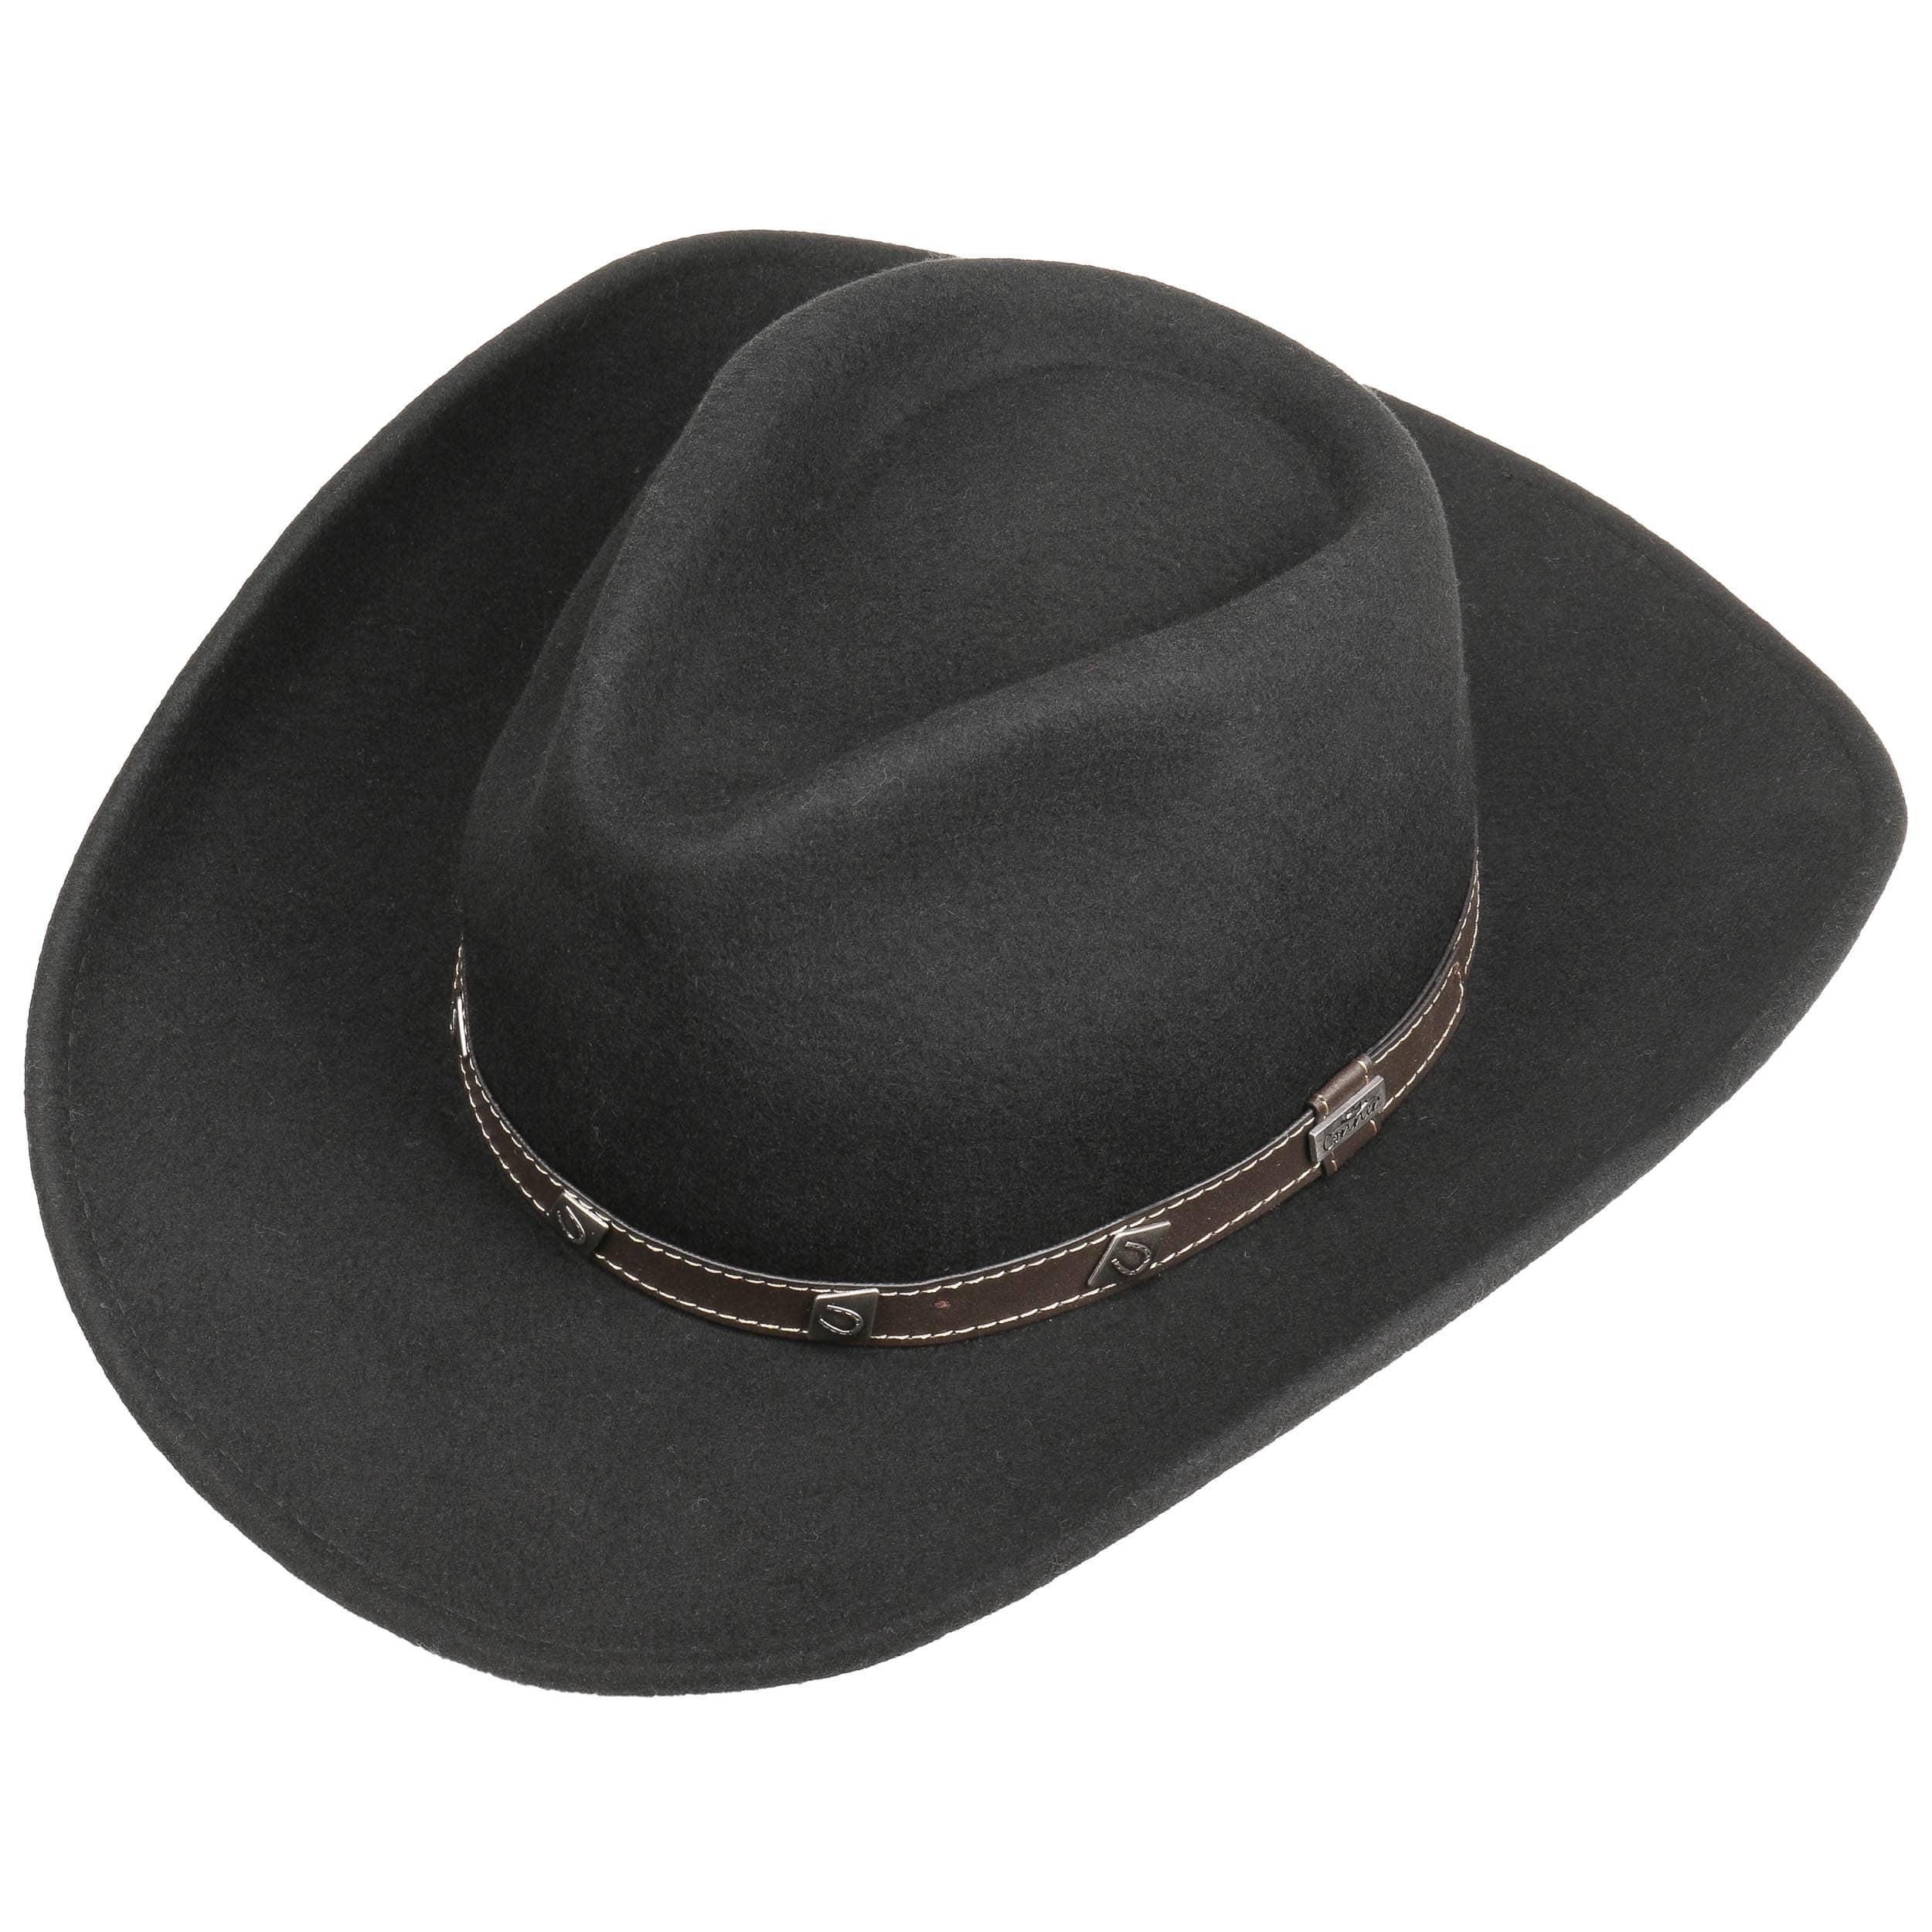 Sombrero Western Corralo by Conner - Sombreros - sombreroshop.es be0737f3f60